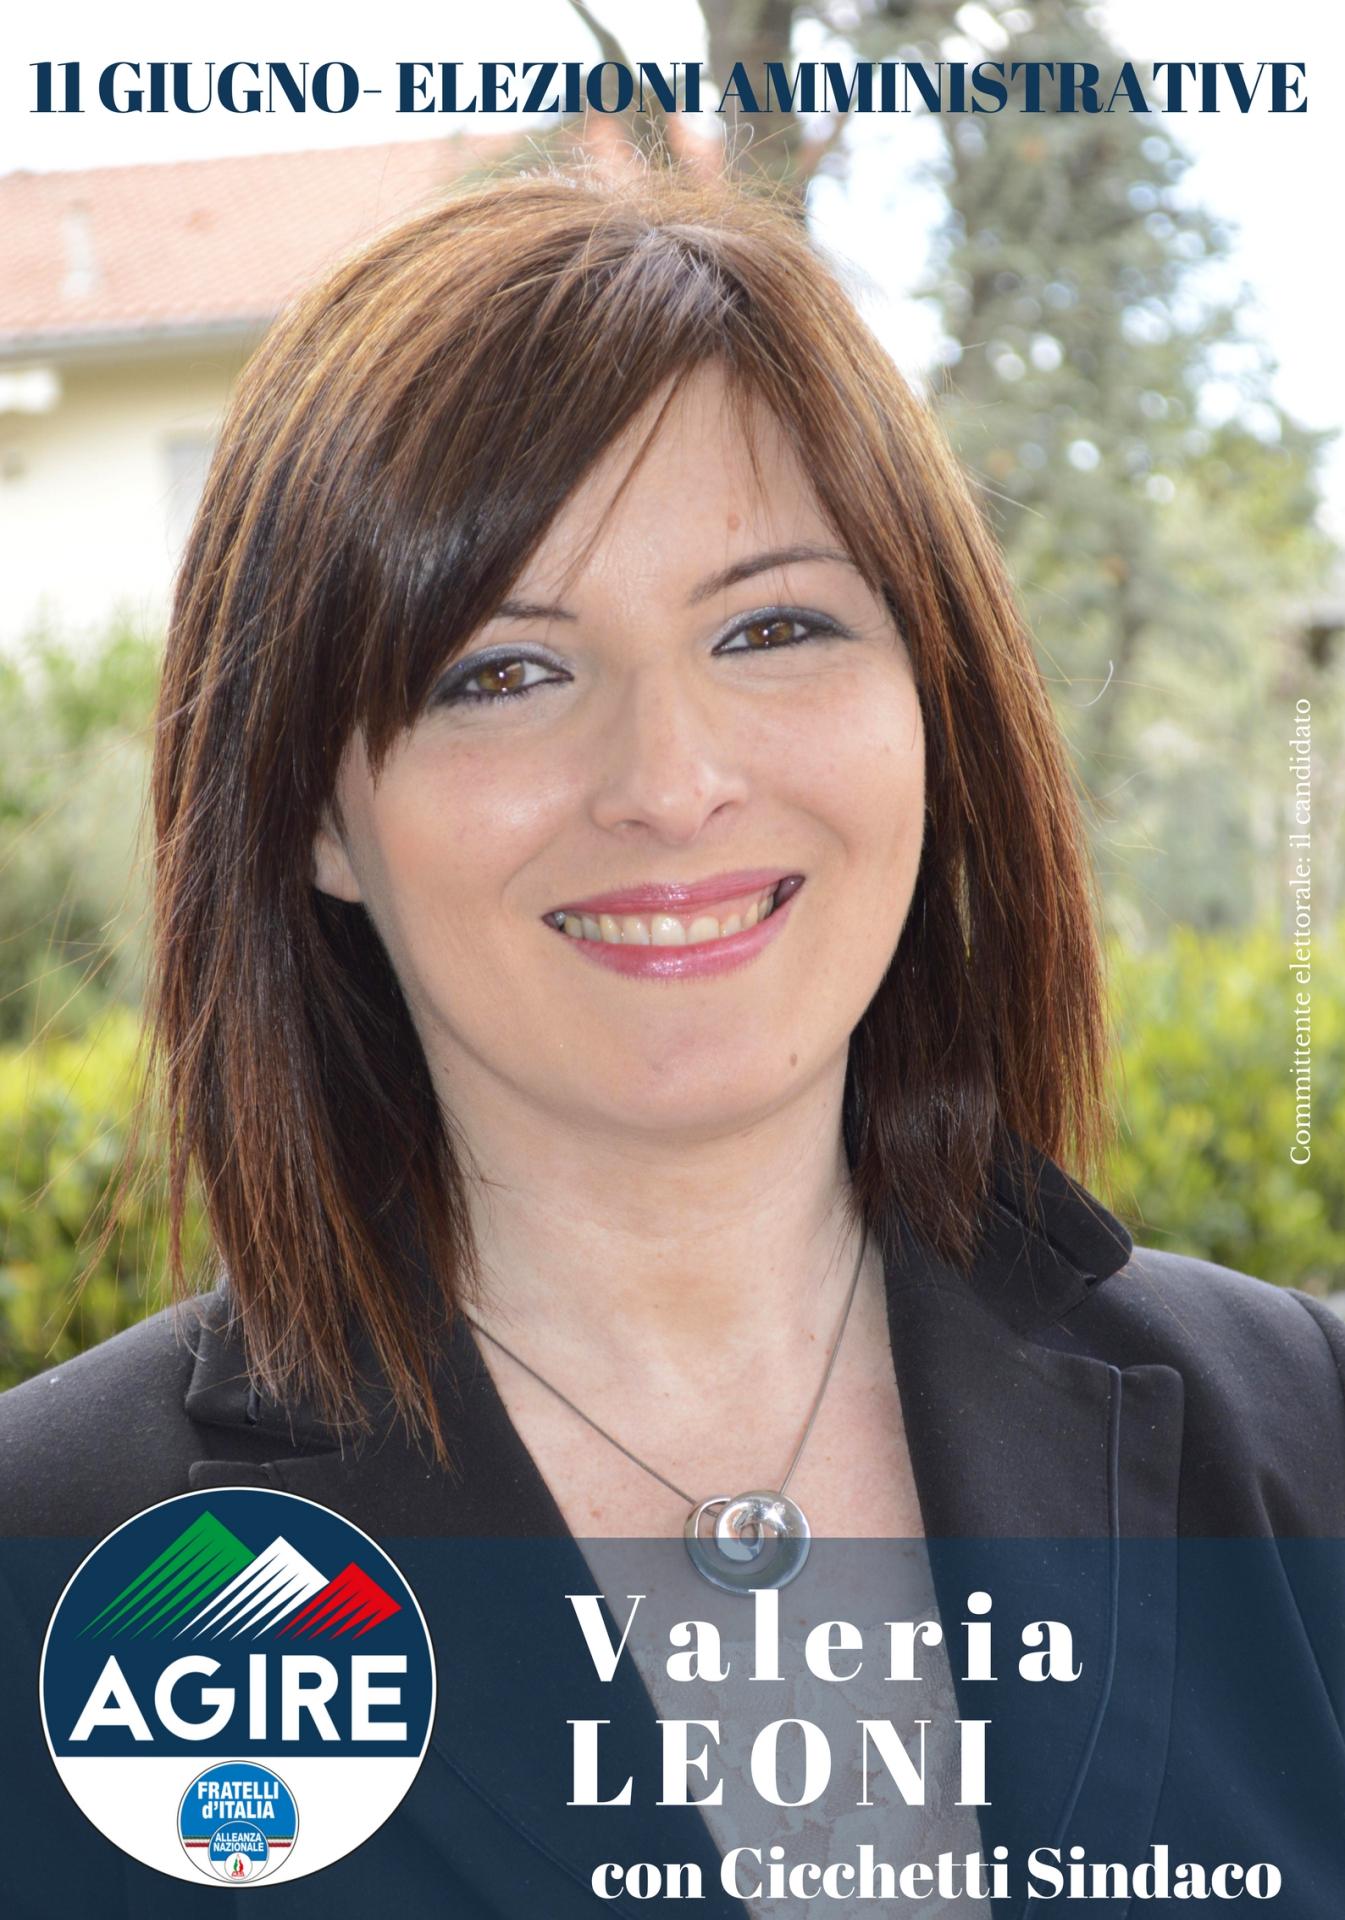 manifesto-leoni-valeria